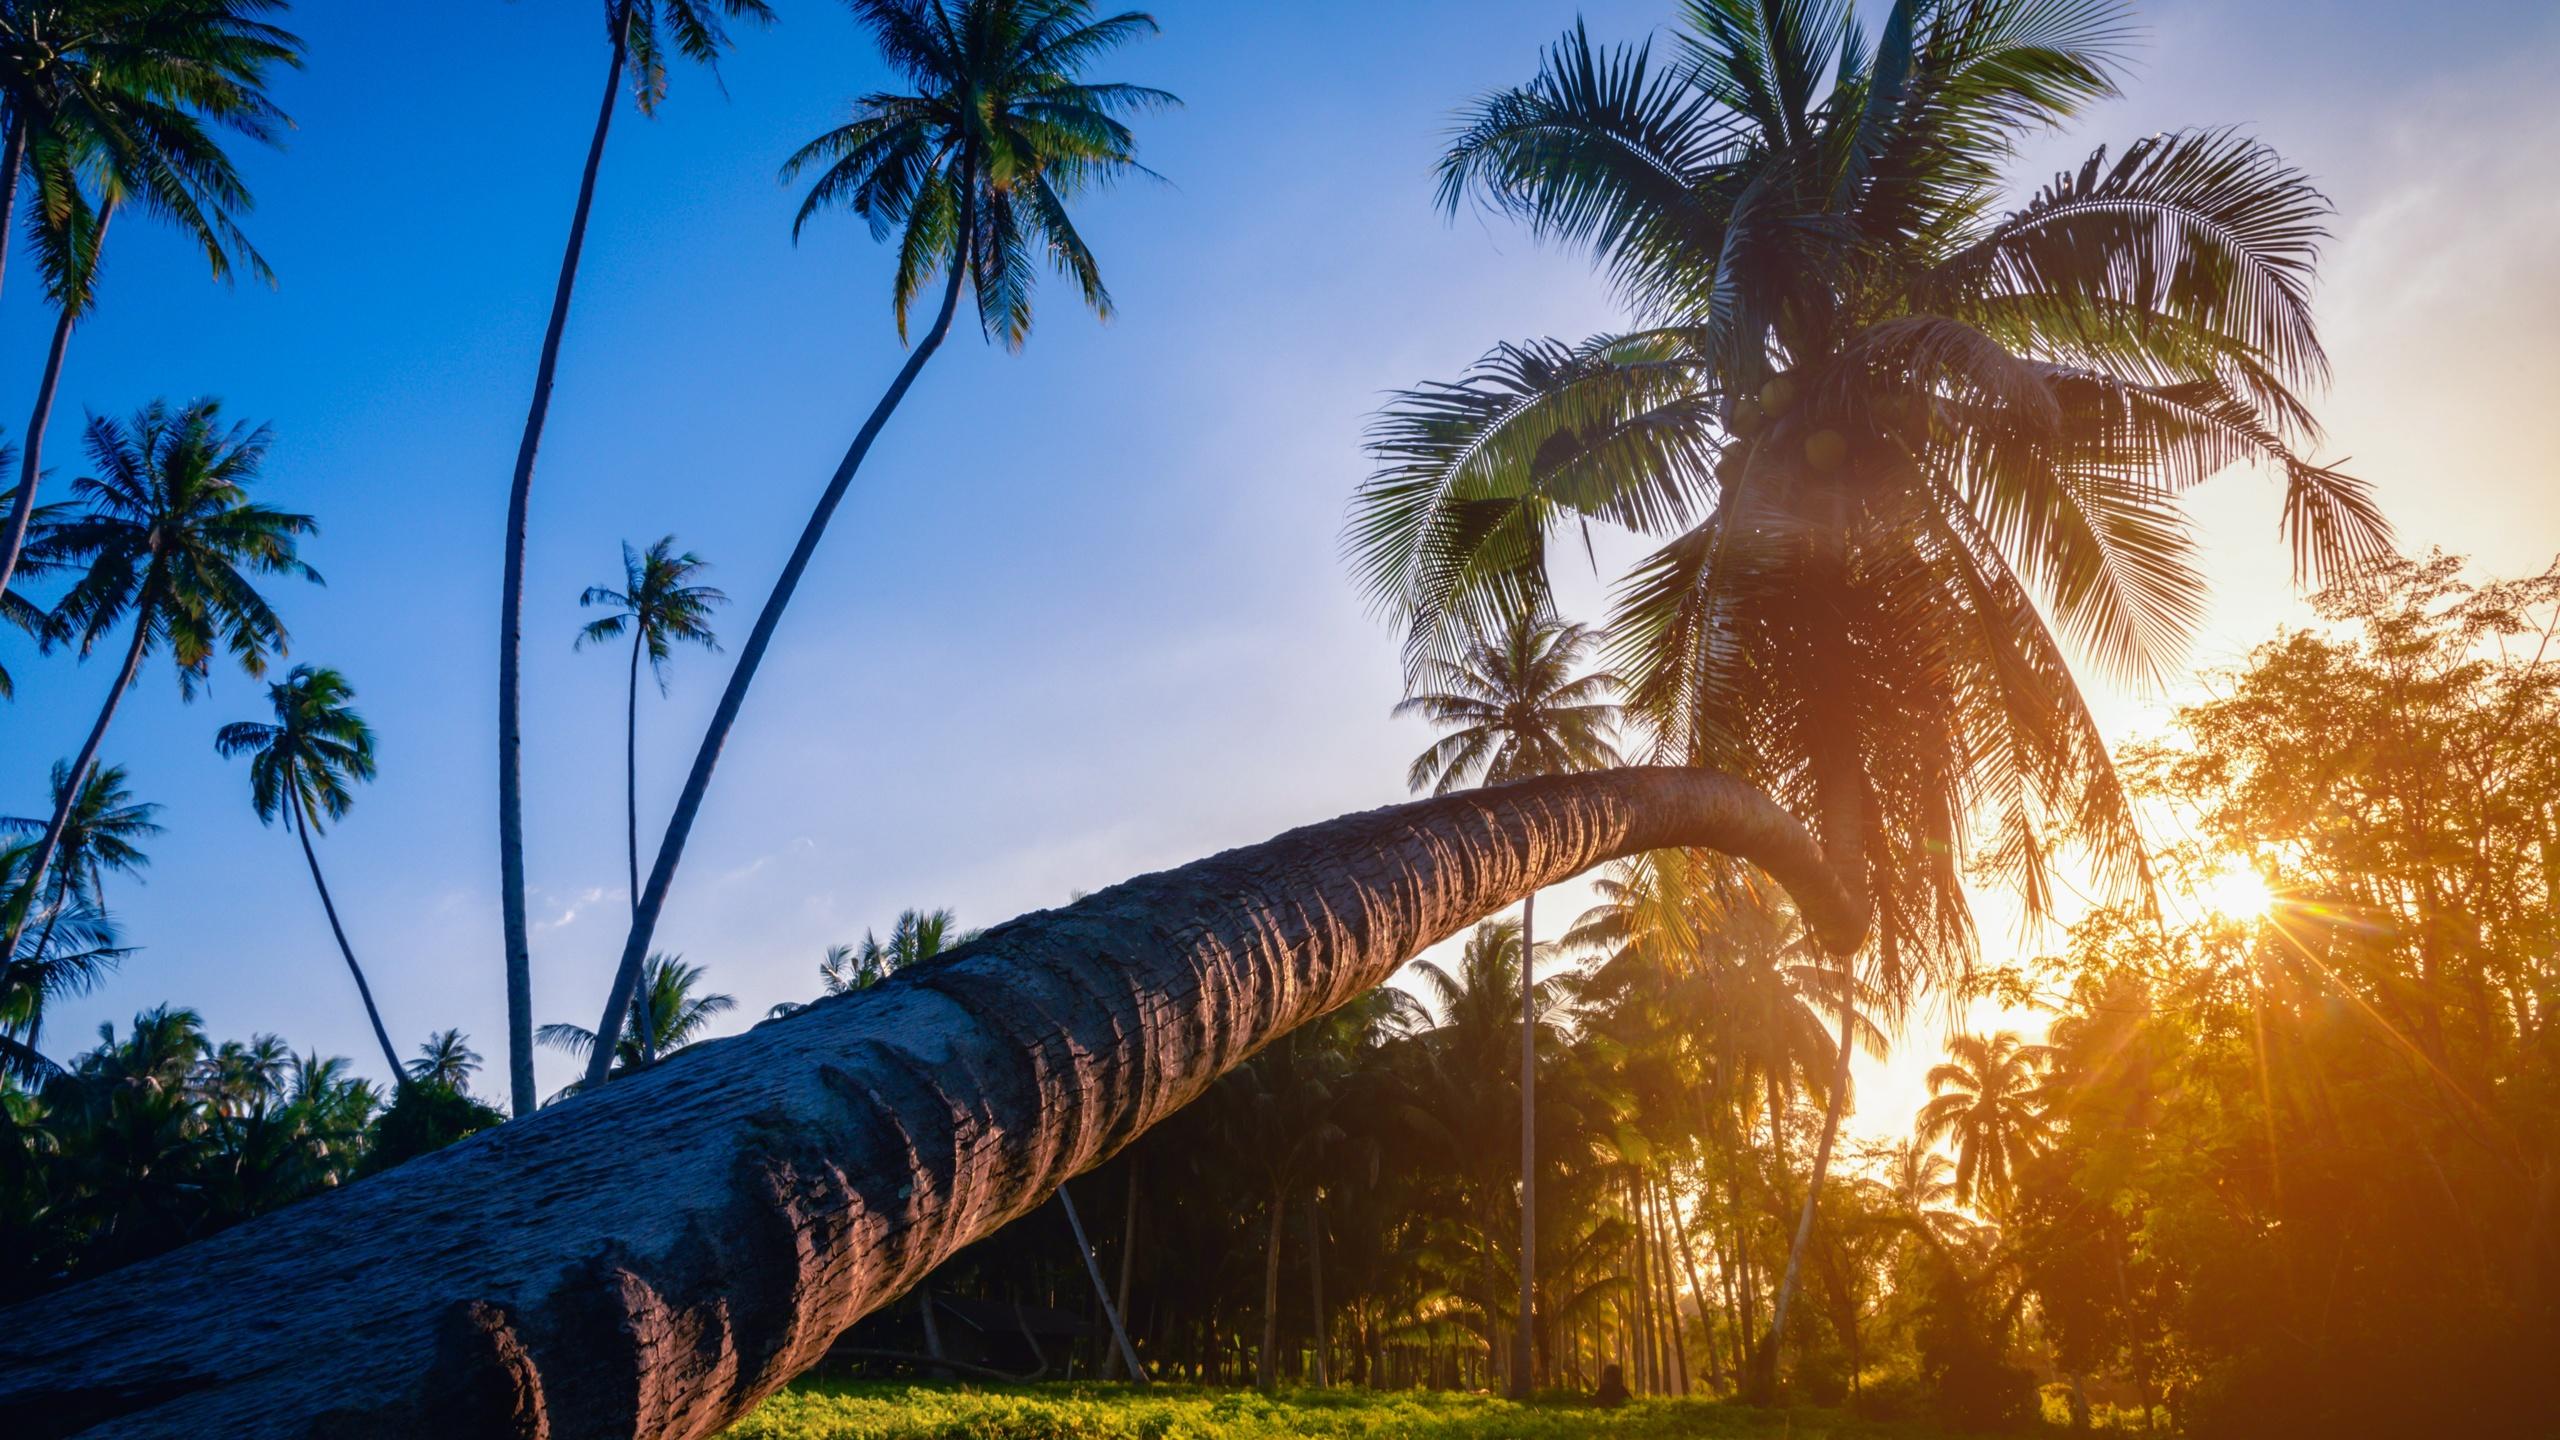 картинка пальмы и солнца милей прекрасно уловили